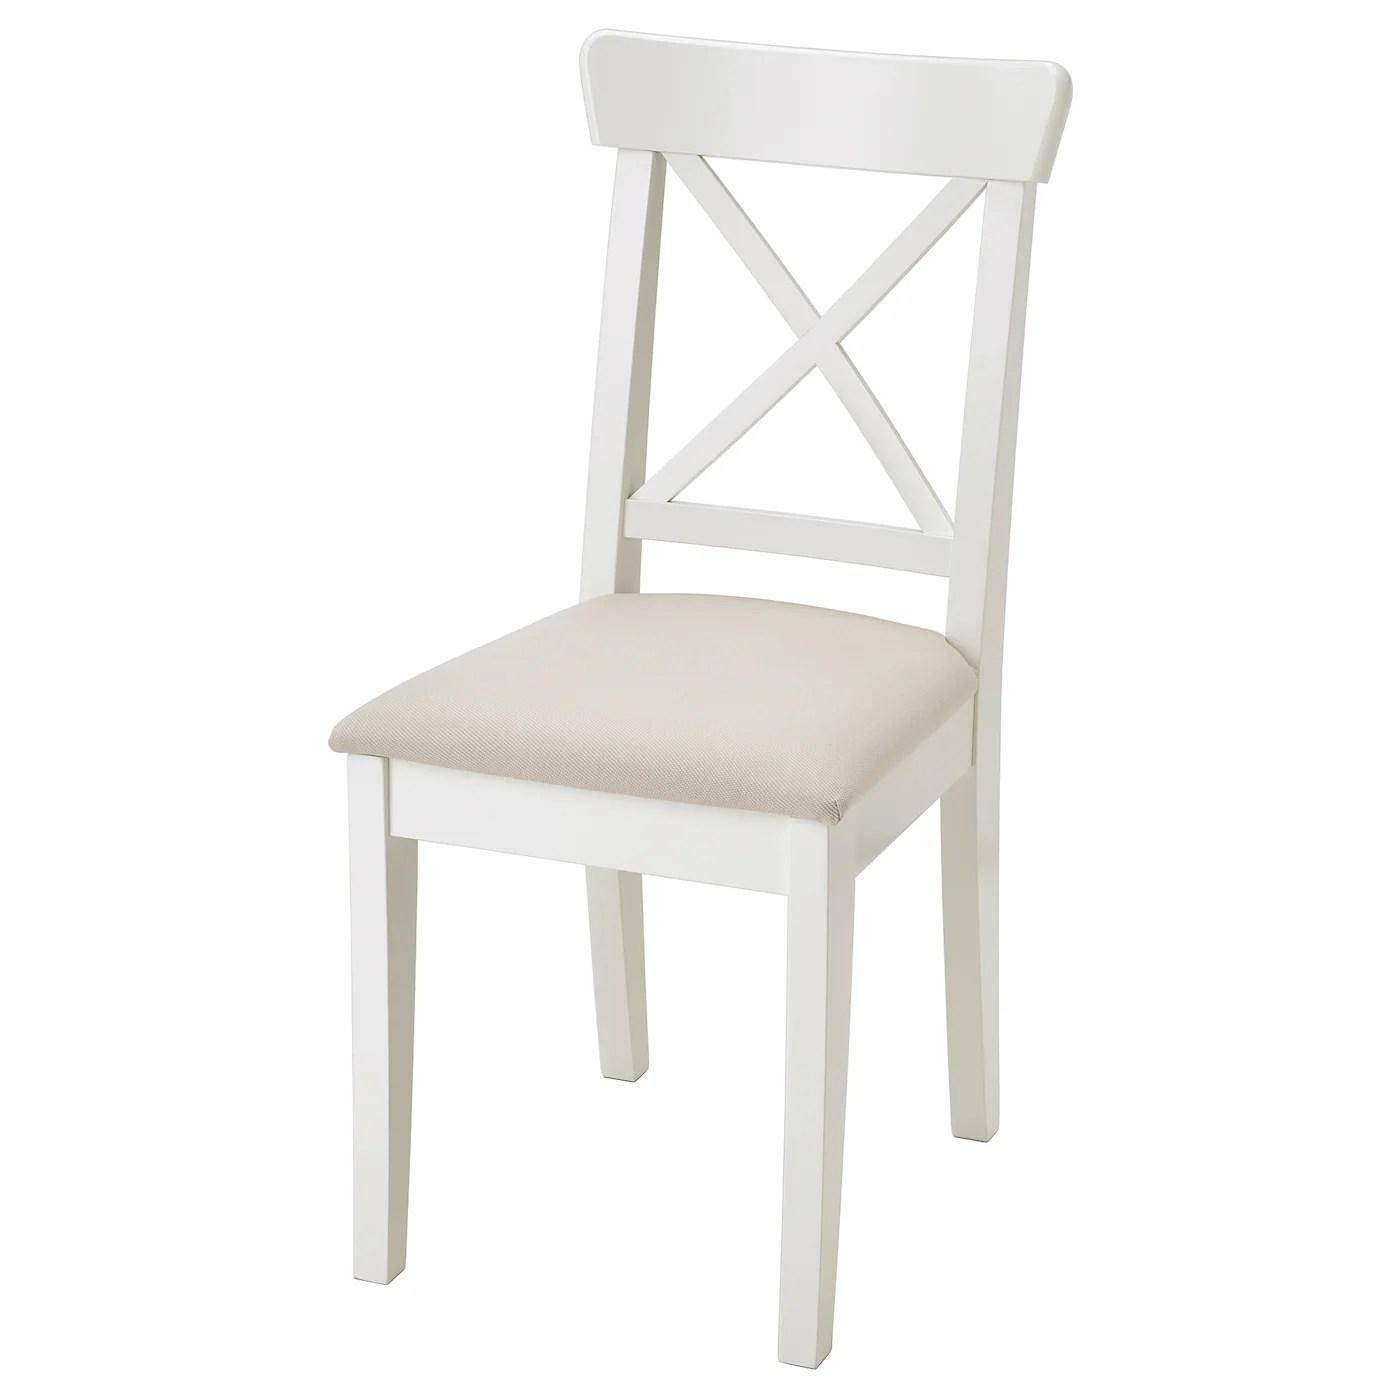 Trova tantissime idee per sedie ikea cucina prezzi. Sedie Ikea It